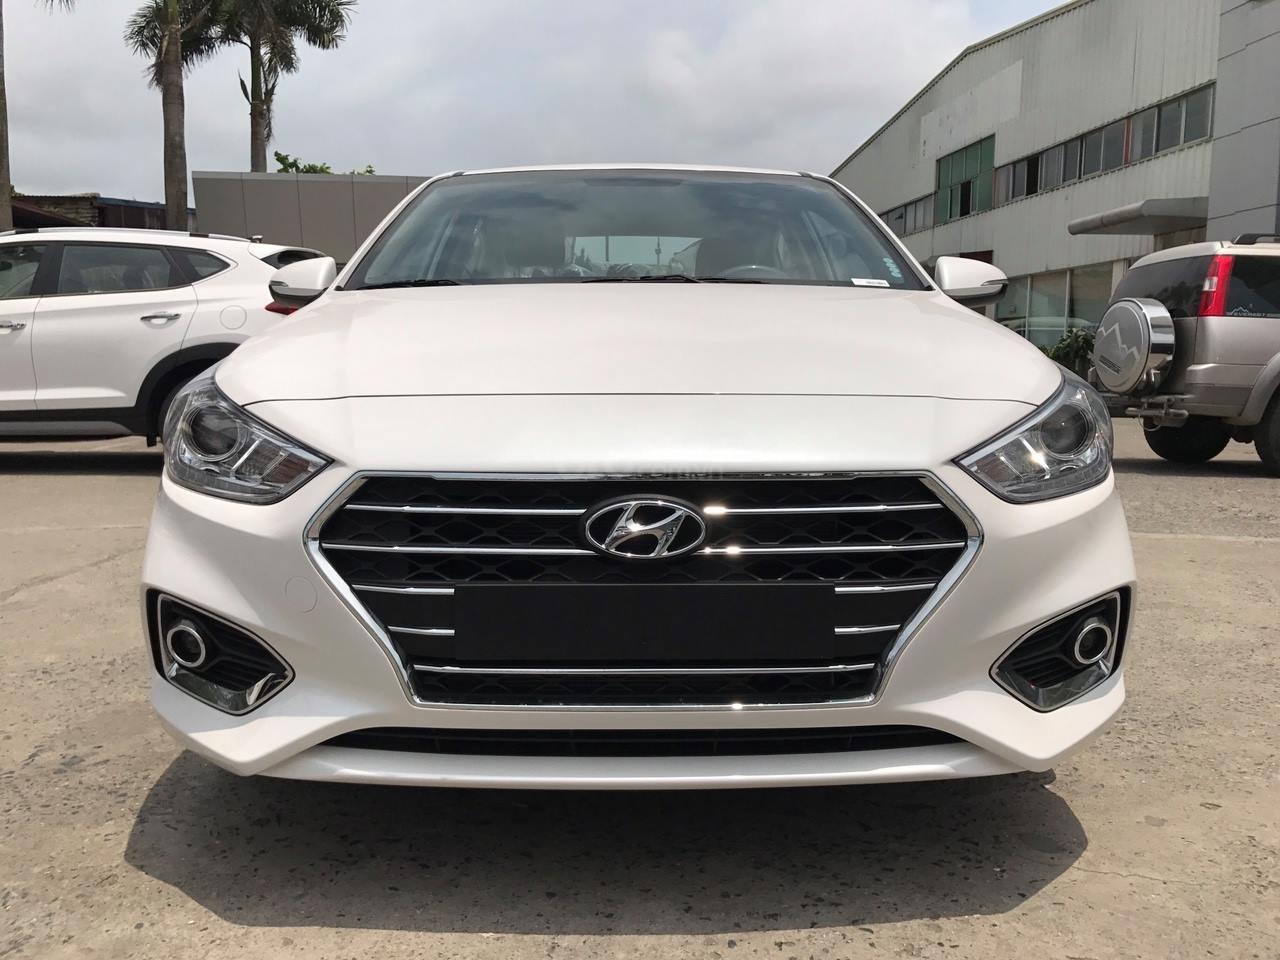 Hyundai Accent 2020 giá tốt, khuyến mại tháng 3 (1)